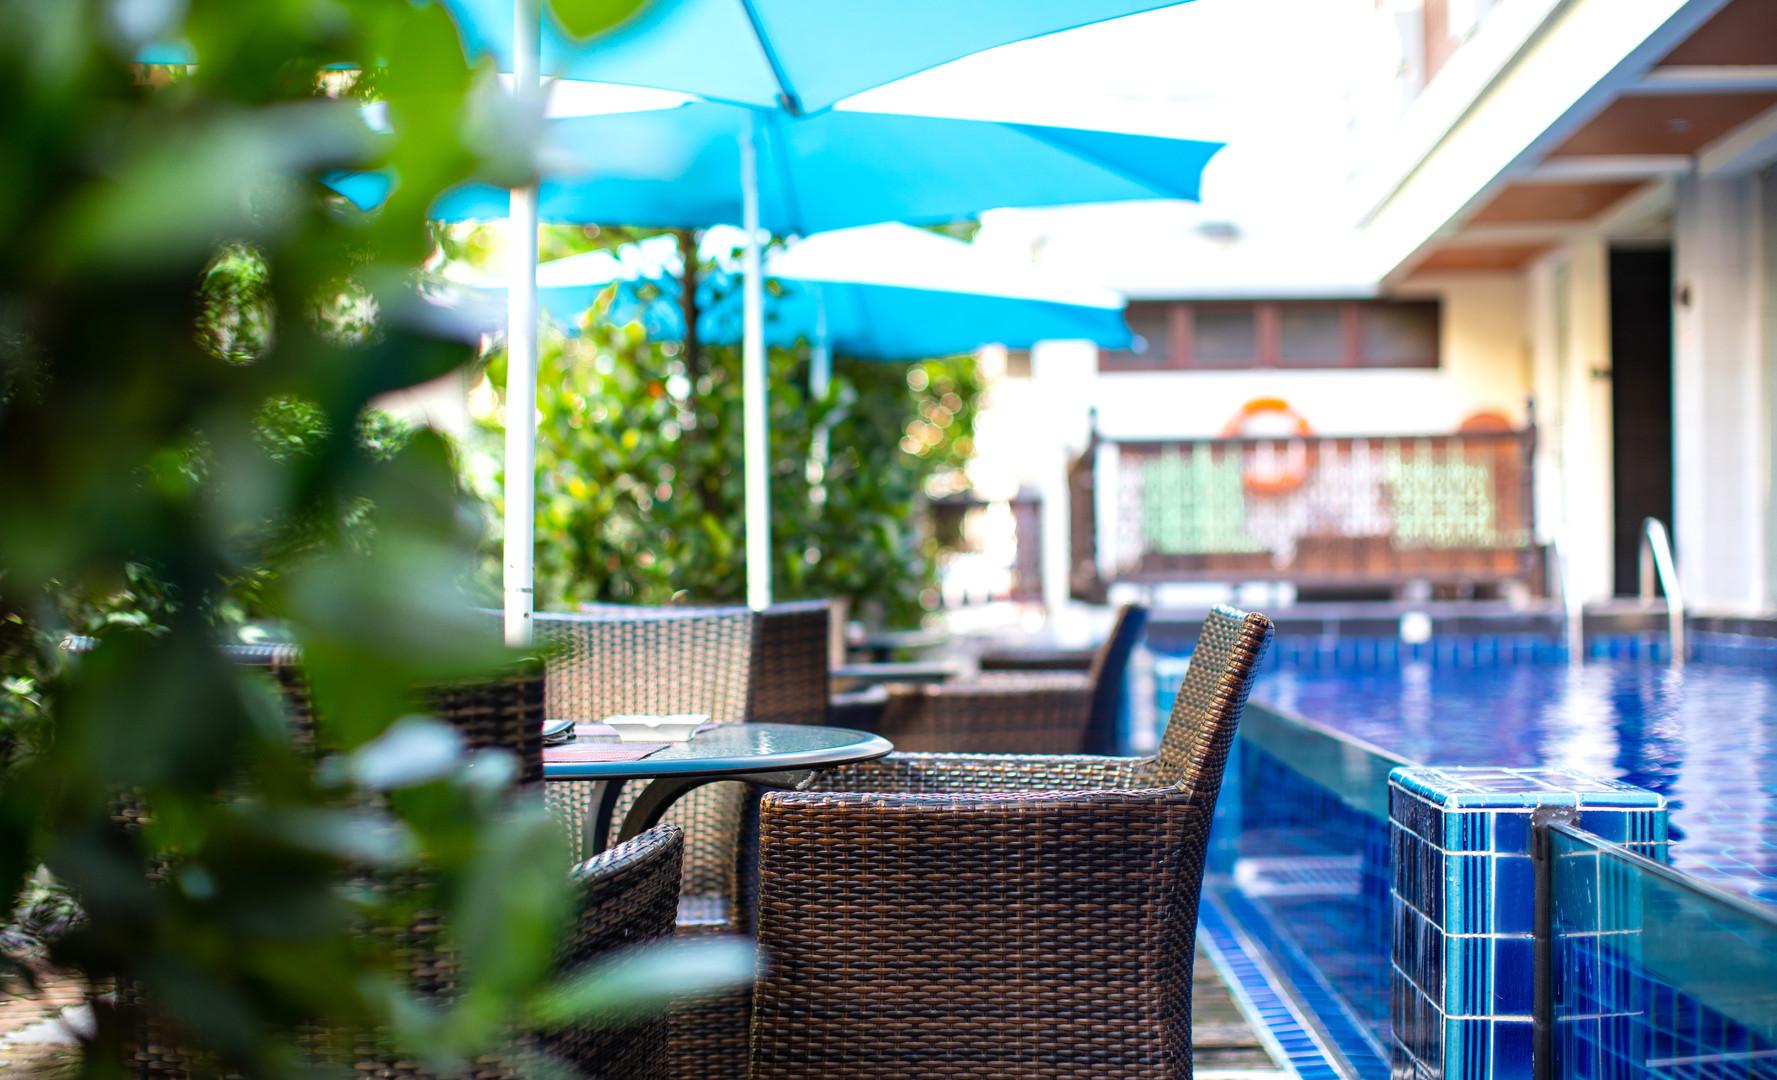 Hotel Penaga - Lap Pool (3)